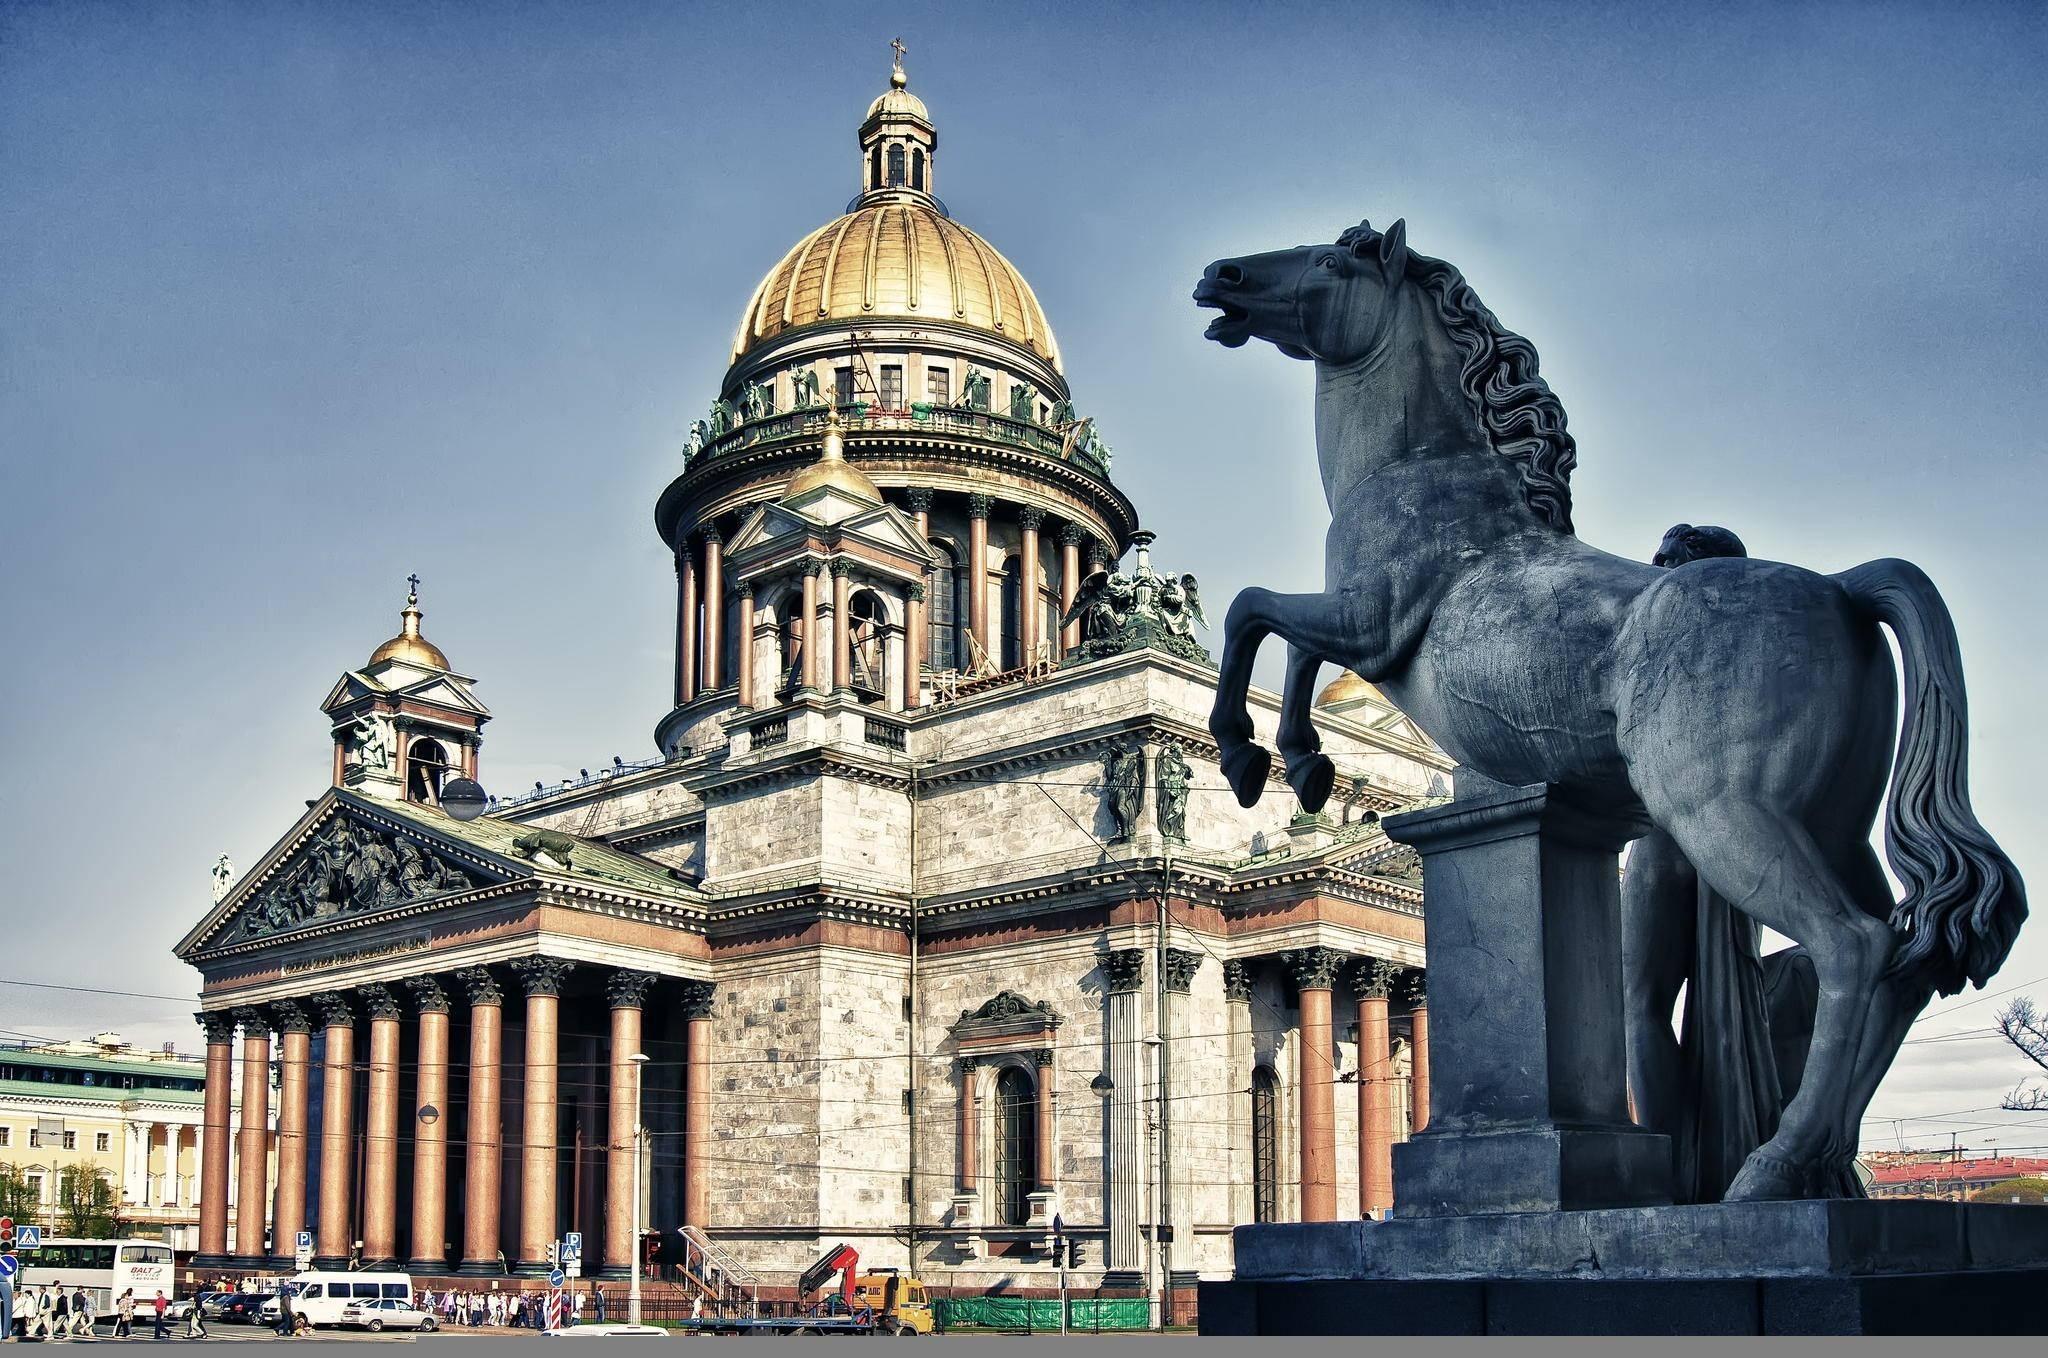 Картинка: Россия, Санкт-Петербург, Исаакиевский собор, статуя, конь